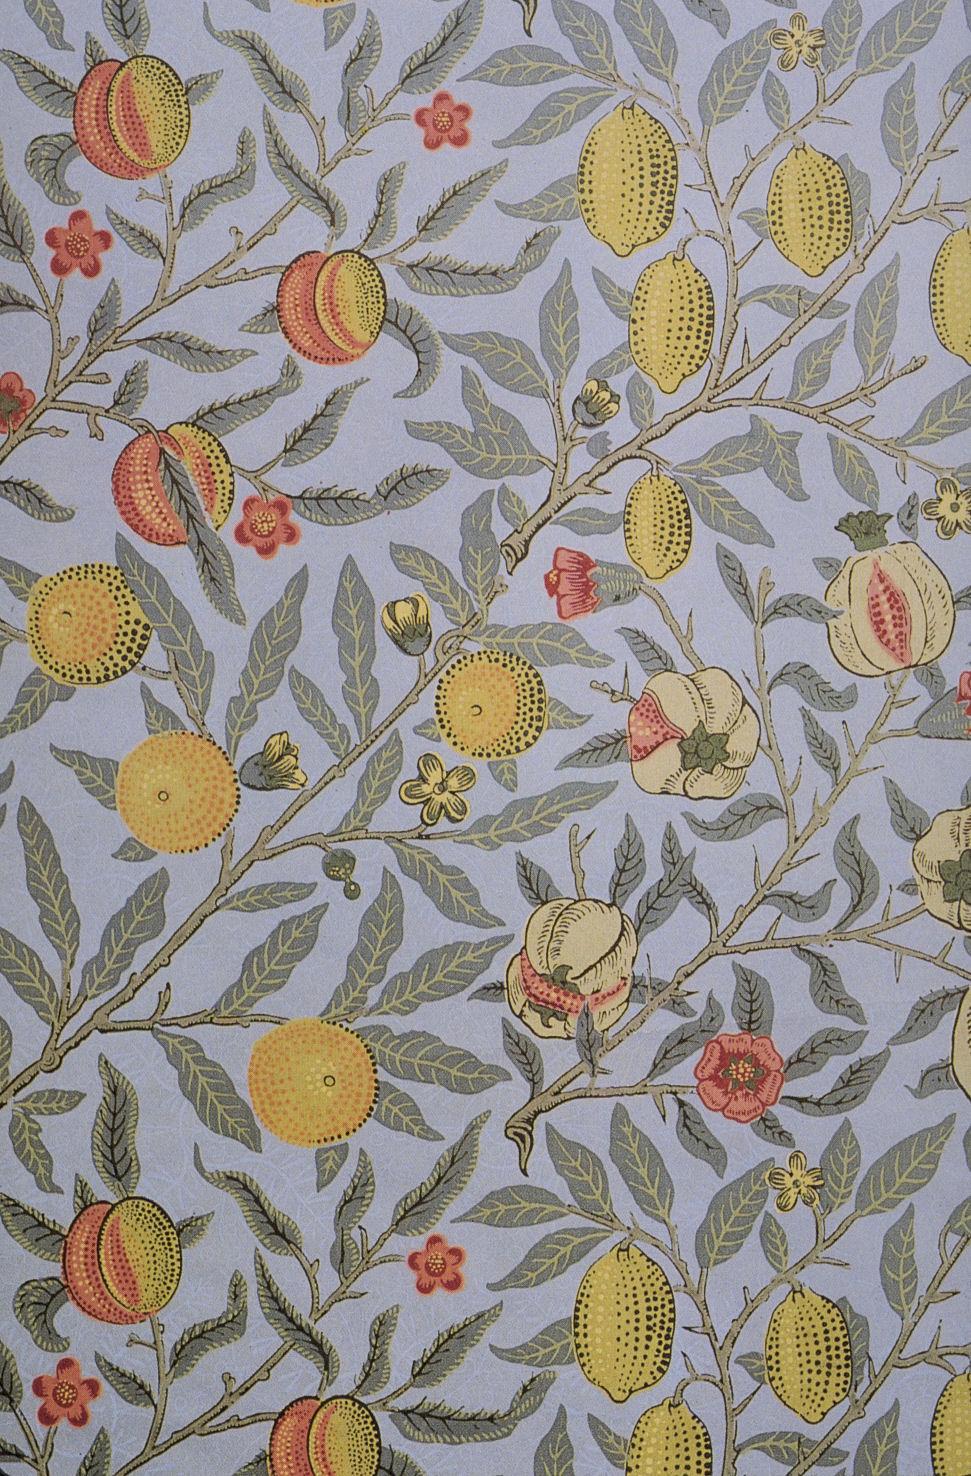 FileMorris Fruit Wallpaper C 1866